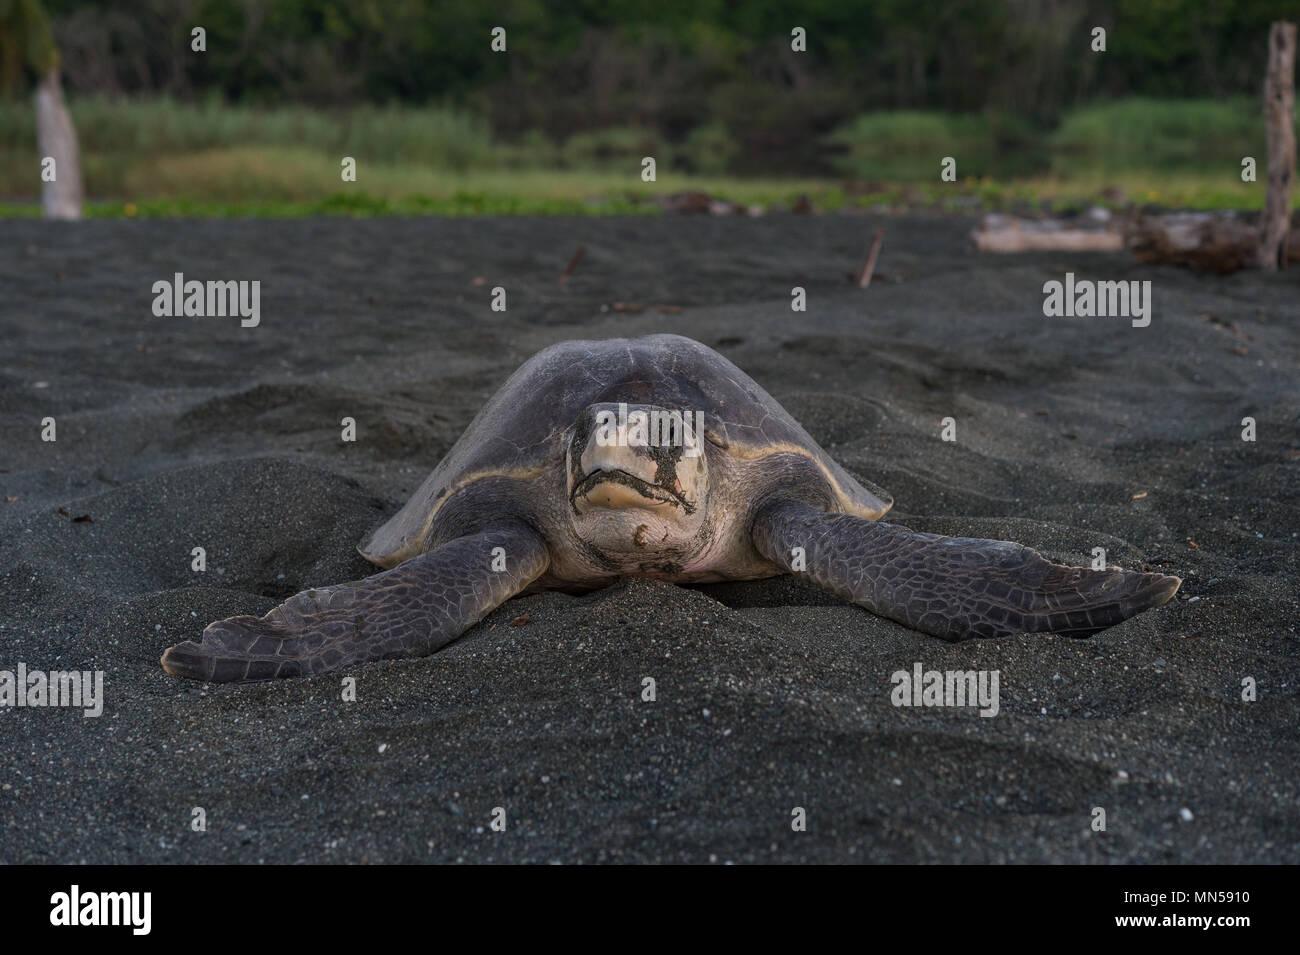 Verde tortuga golfina, Lepidochelys olivacea, durante el desove, Cheloniidae, Carate Playa, Parque Nacional Corcovado, Costa Rica, Centroamérica Imagen De Stock